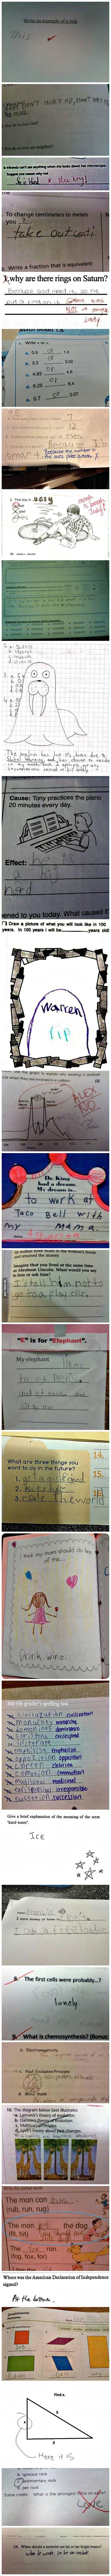 Haha hilarious